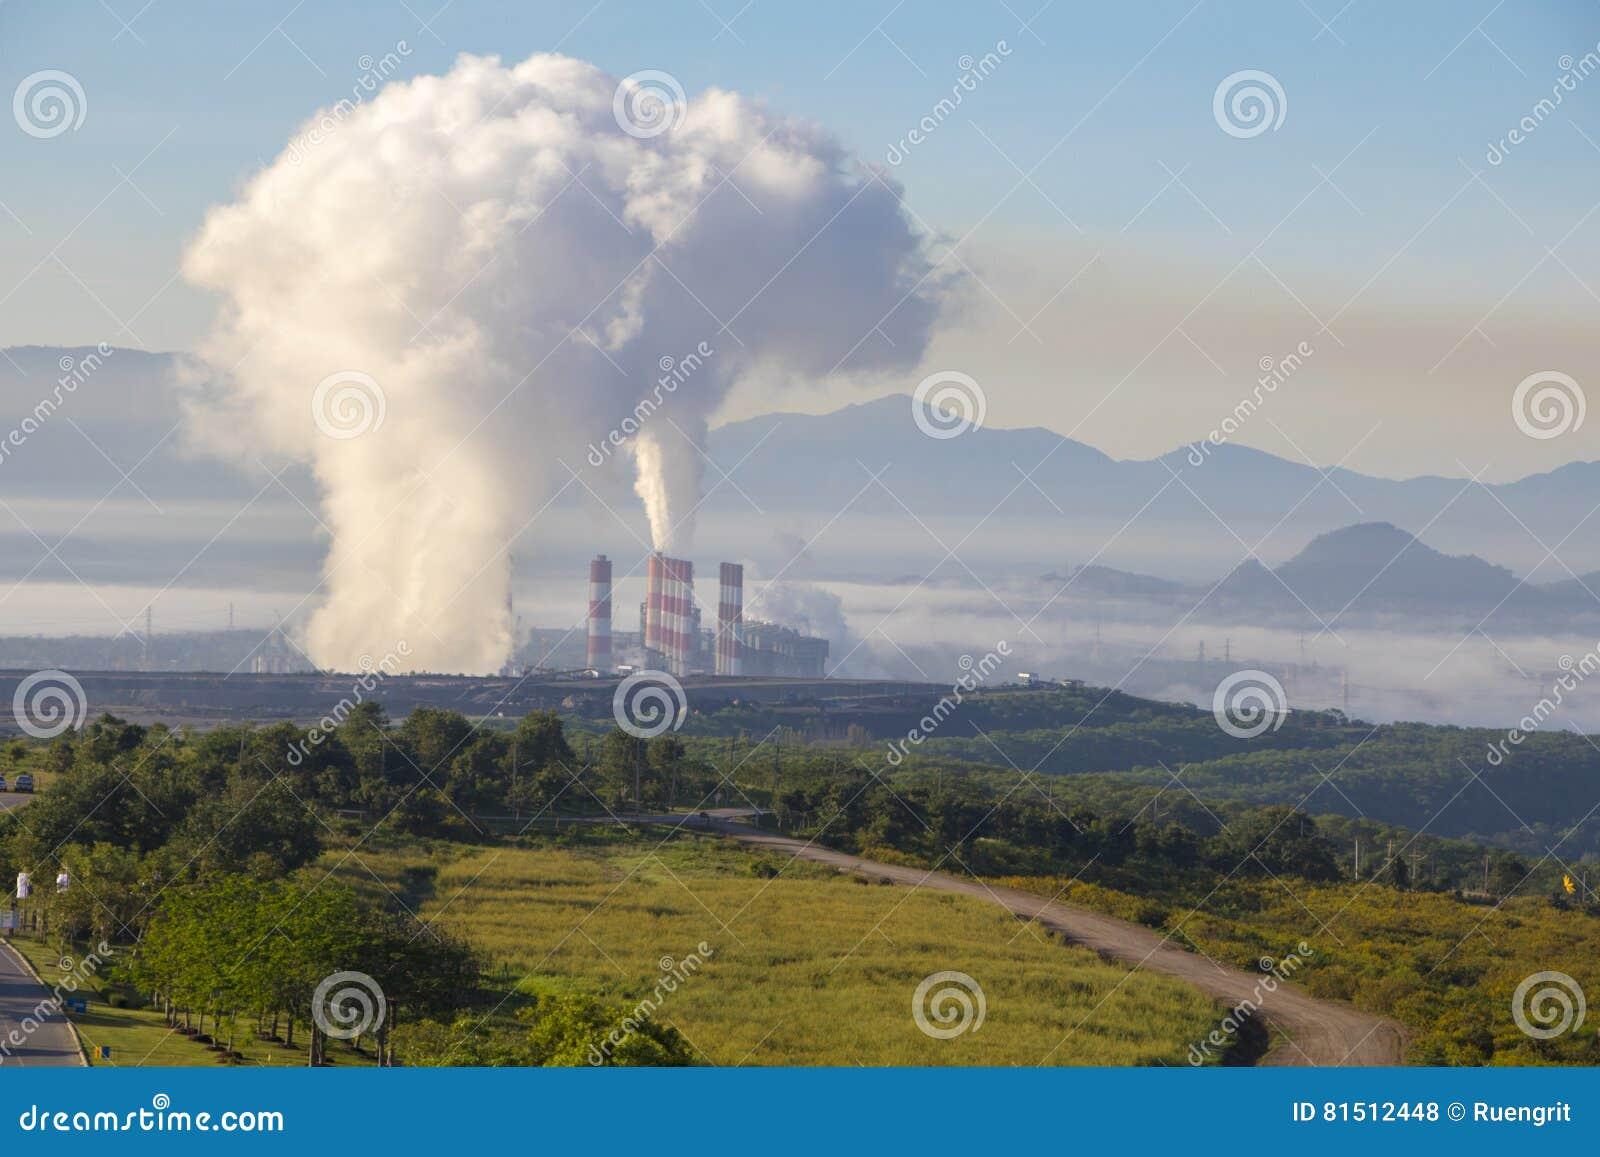 Central eléctrica industrial con la chimenea, Mea Moh, Lampang, Tailandia